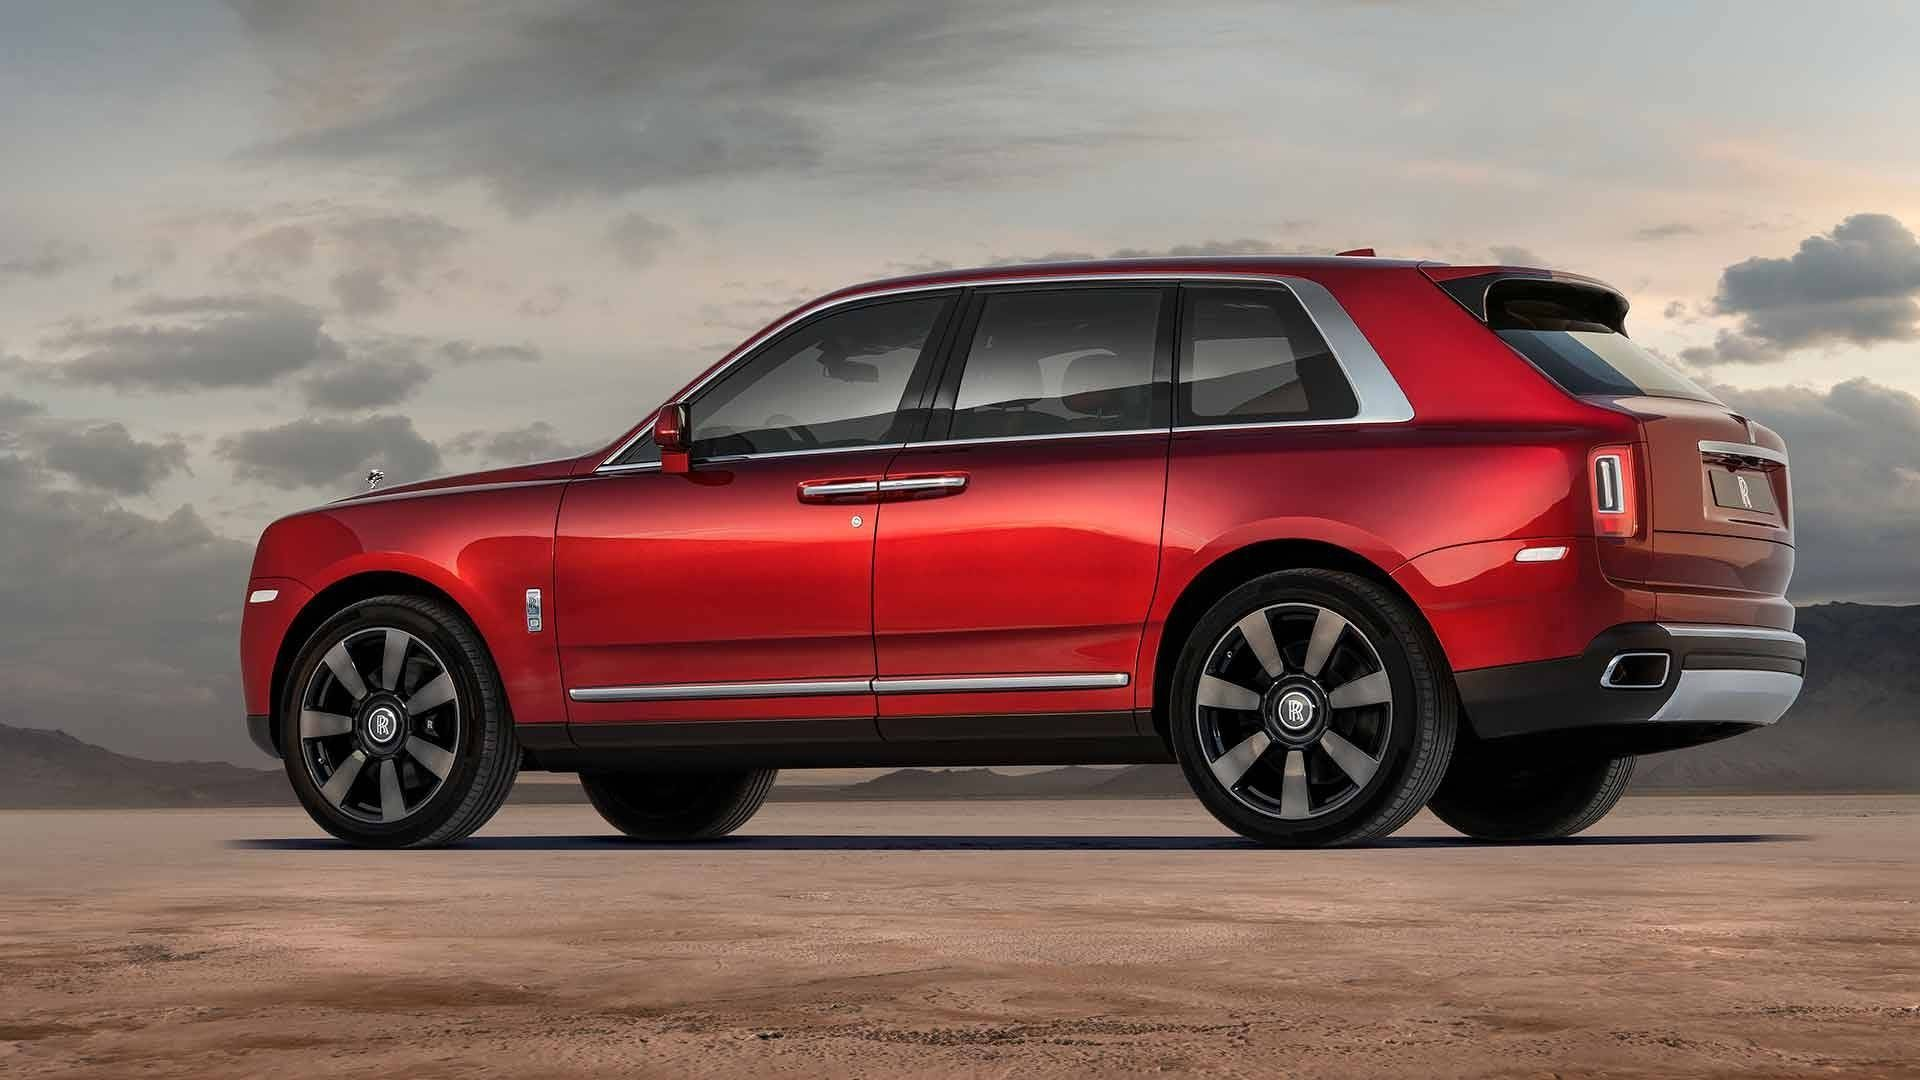 The Ten Best Affordable Luxury Cars: Rolls-Royce Cullinan: Interni, Prezzi, Immagini Del SUV Di